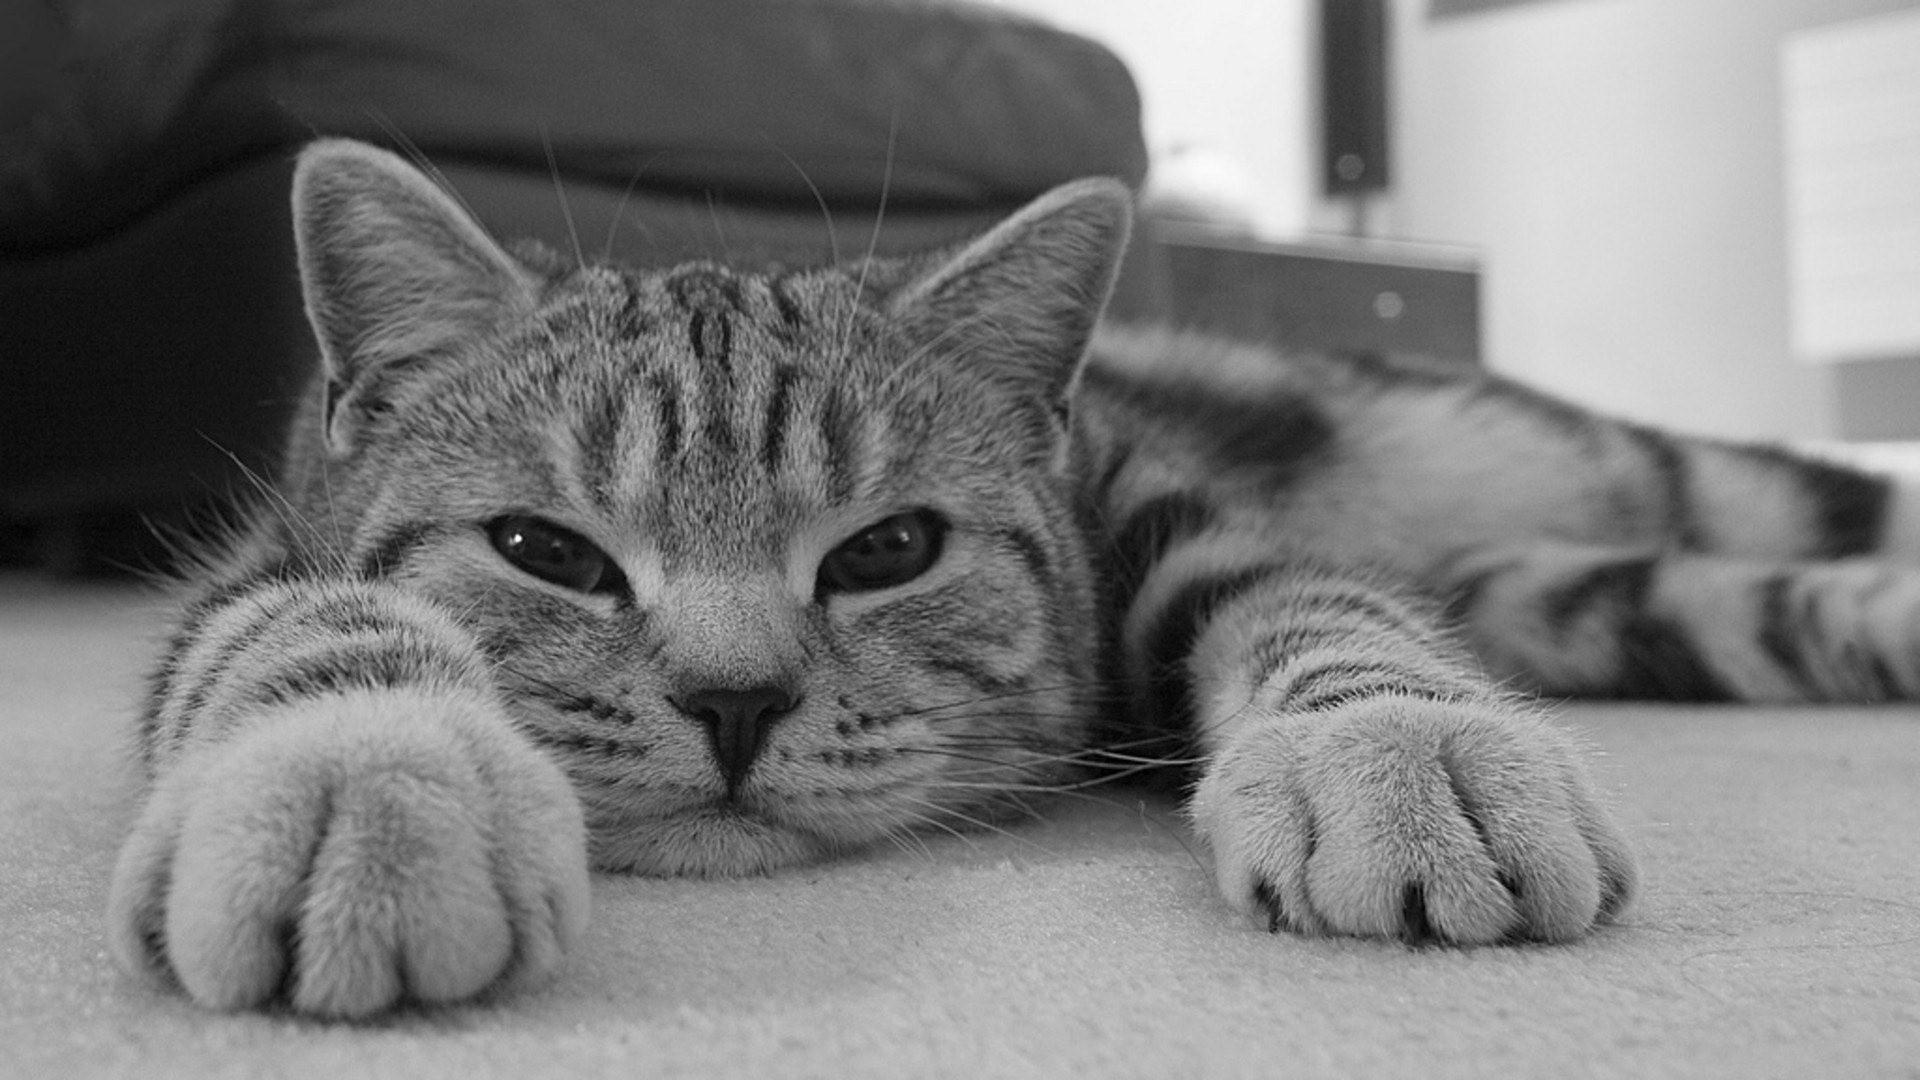 Gato en blanco y negro - 1920x1080